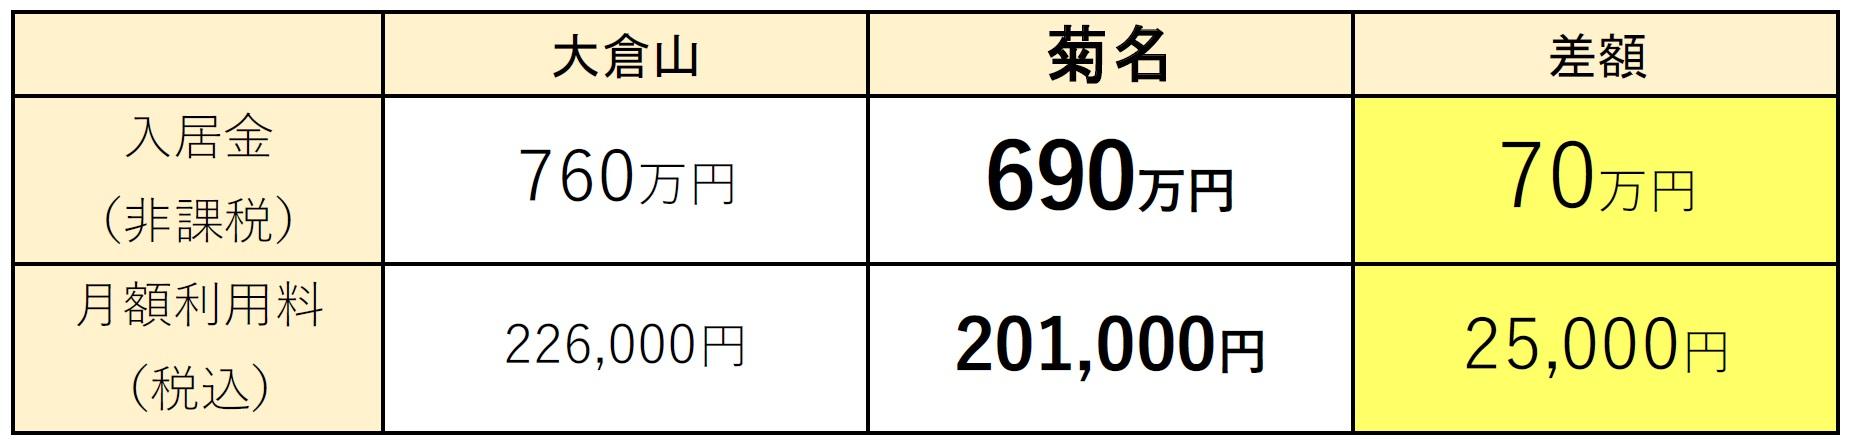 ニチイホーム菊名 キャンペーンイメージ 2